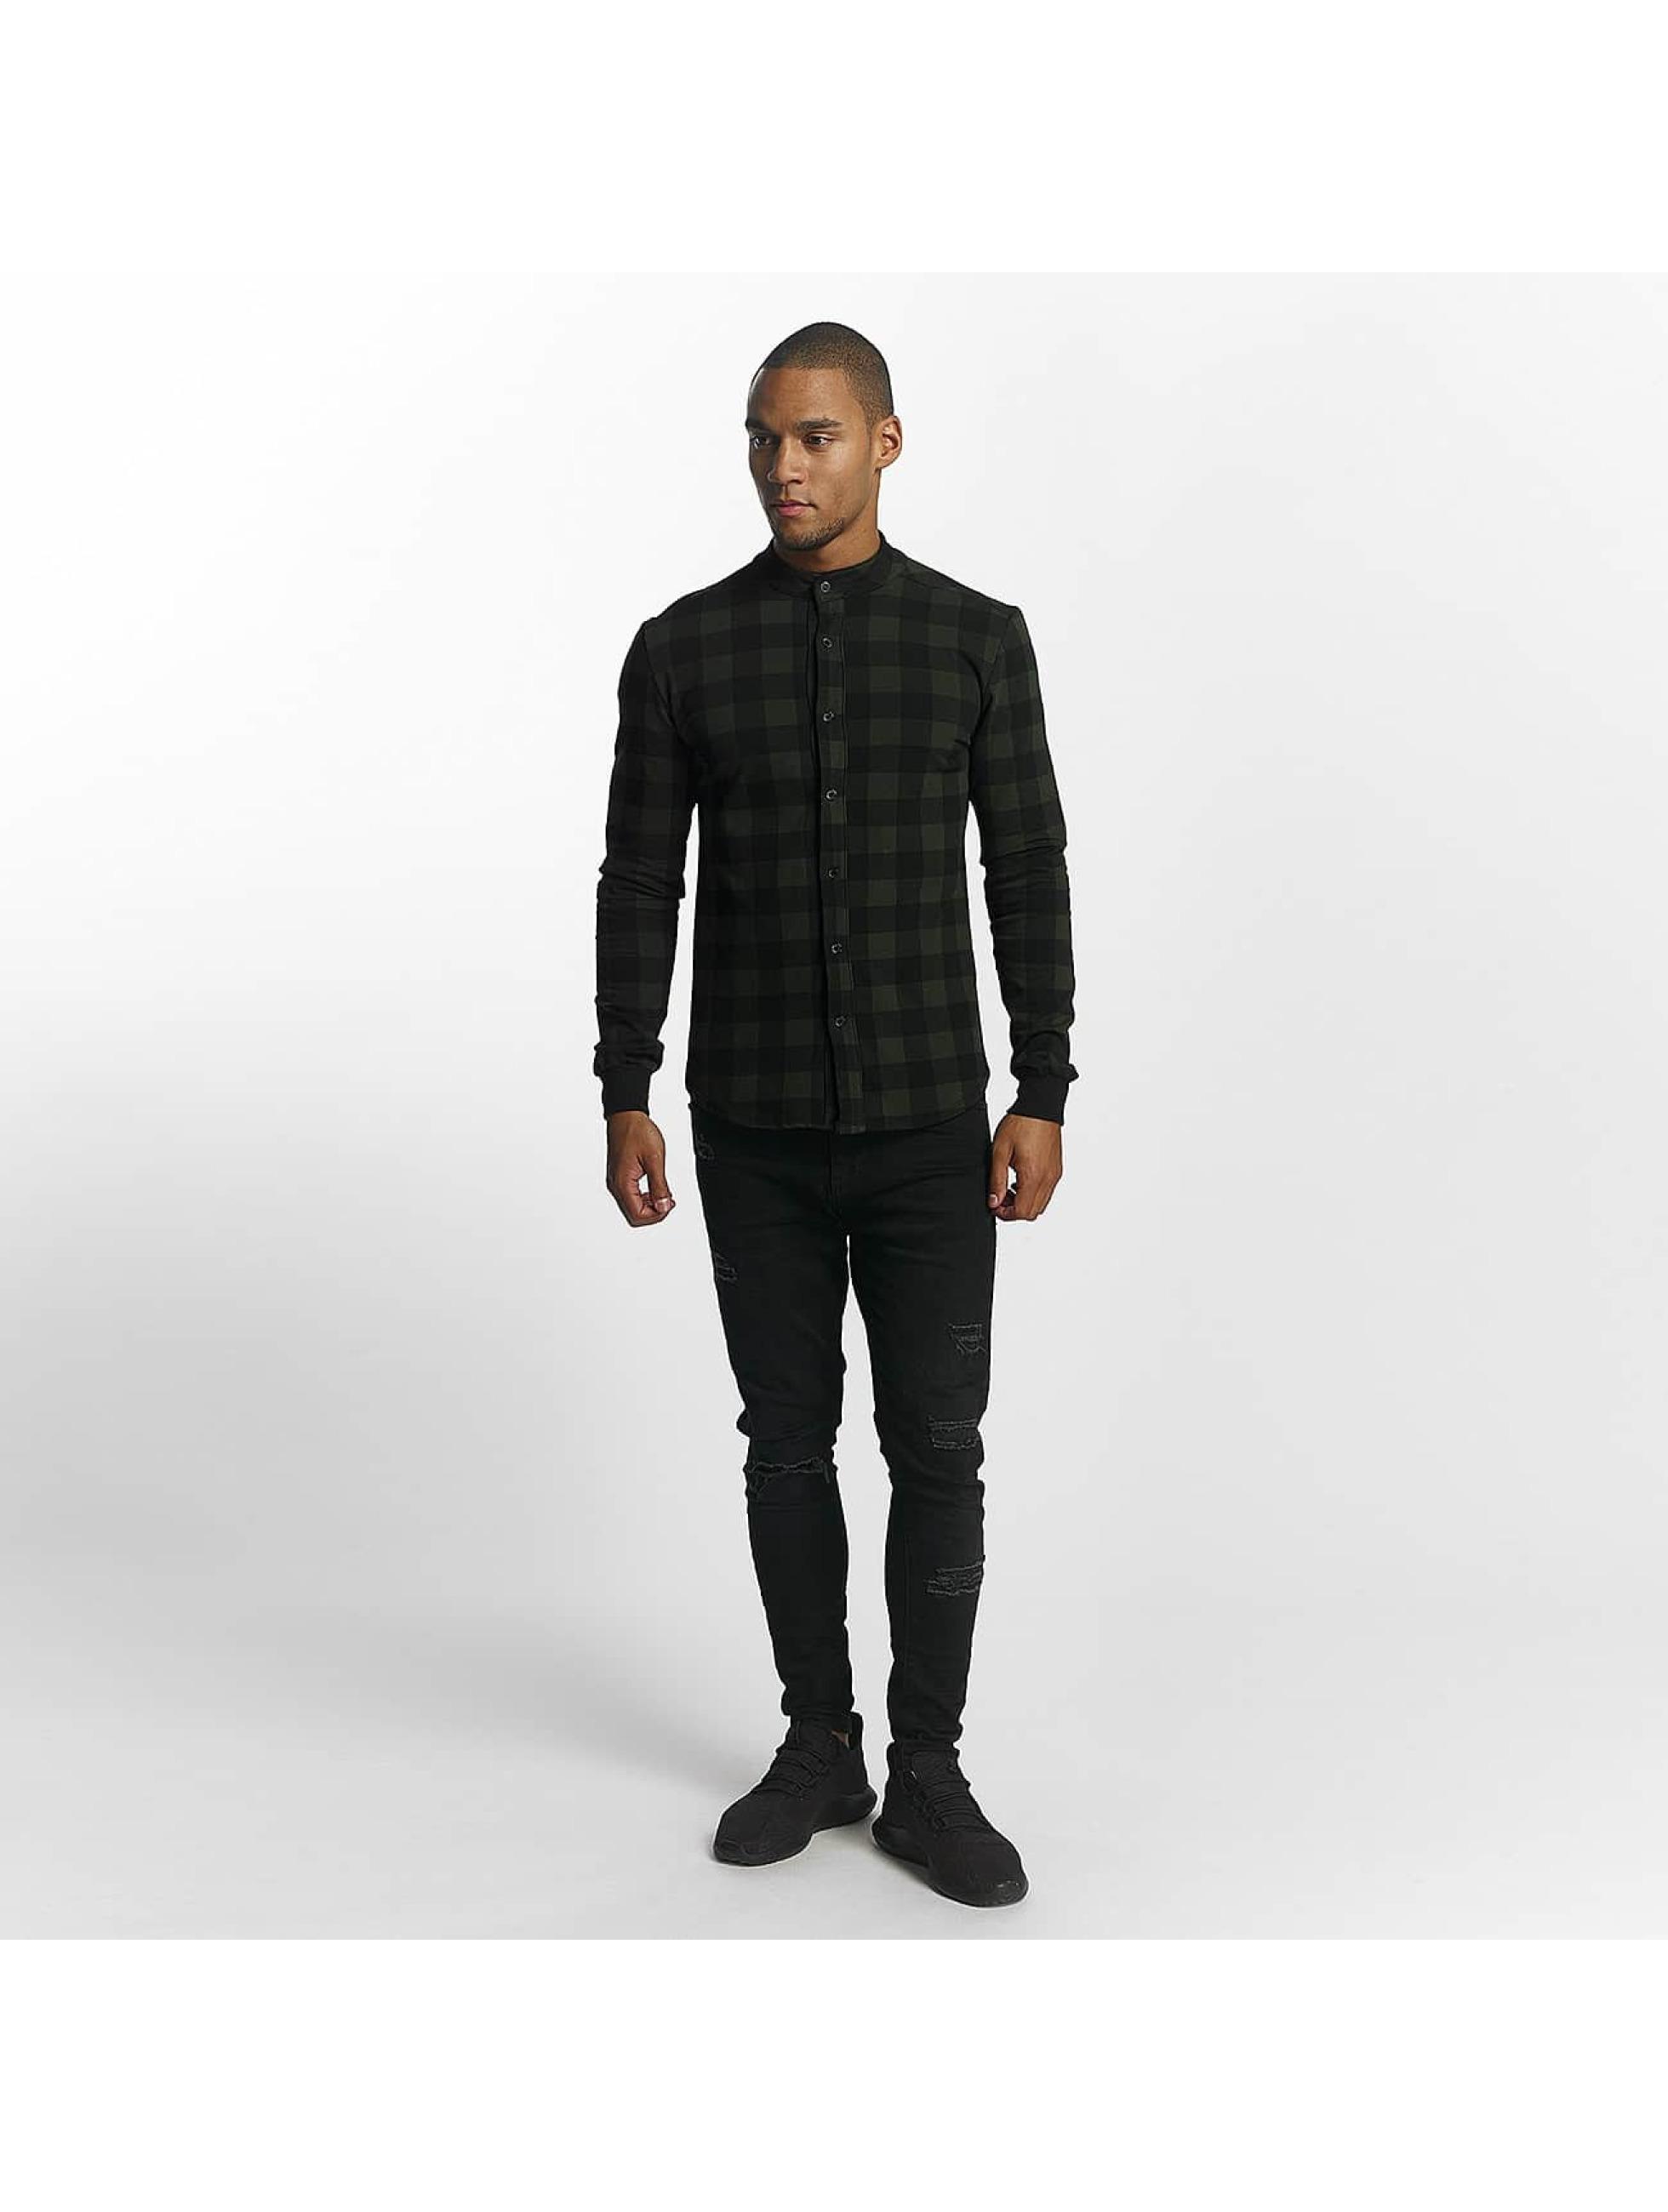 Uniplay Chemise Checkered kaki